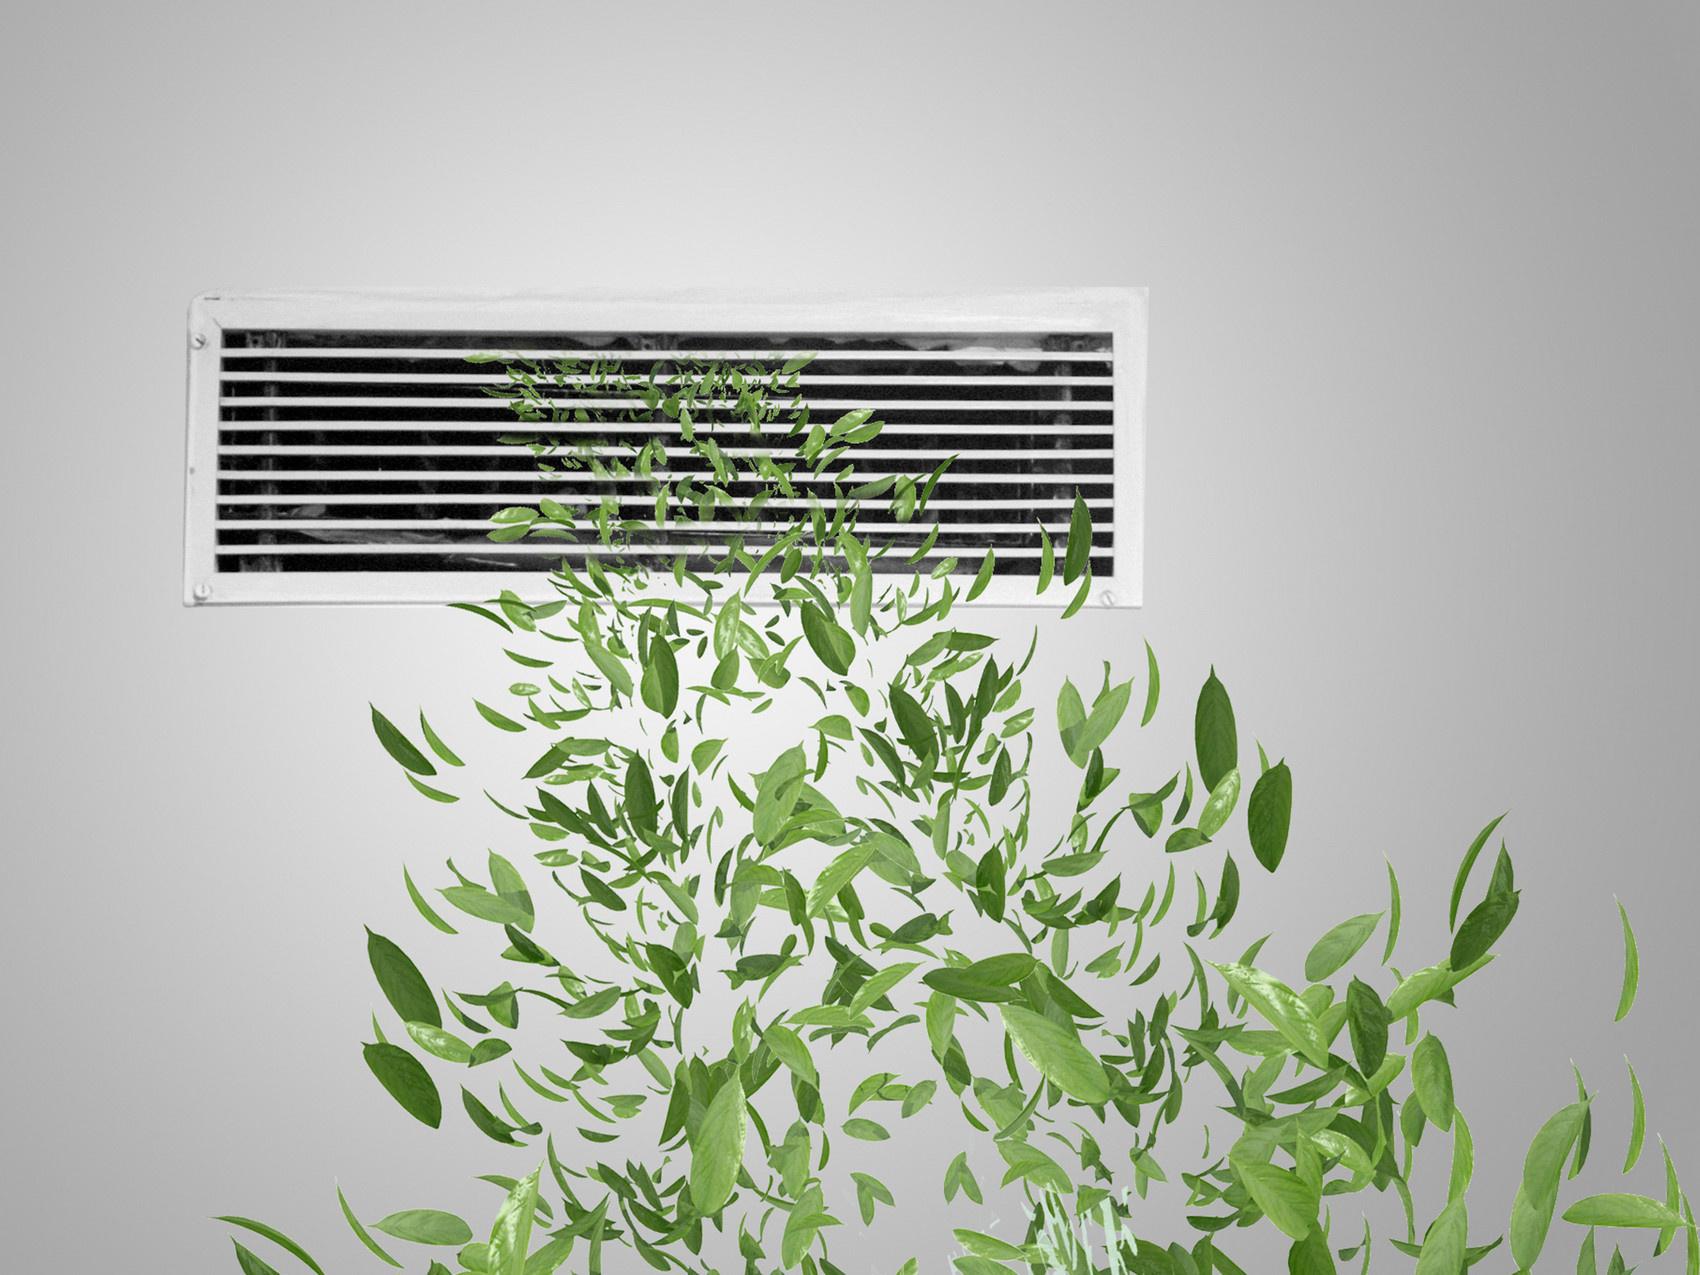 电器选购:窗式空调的优缺点有哪些